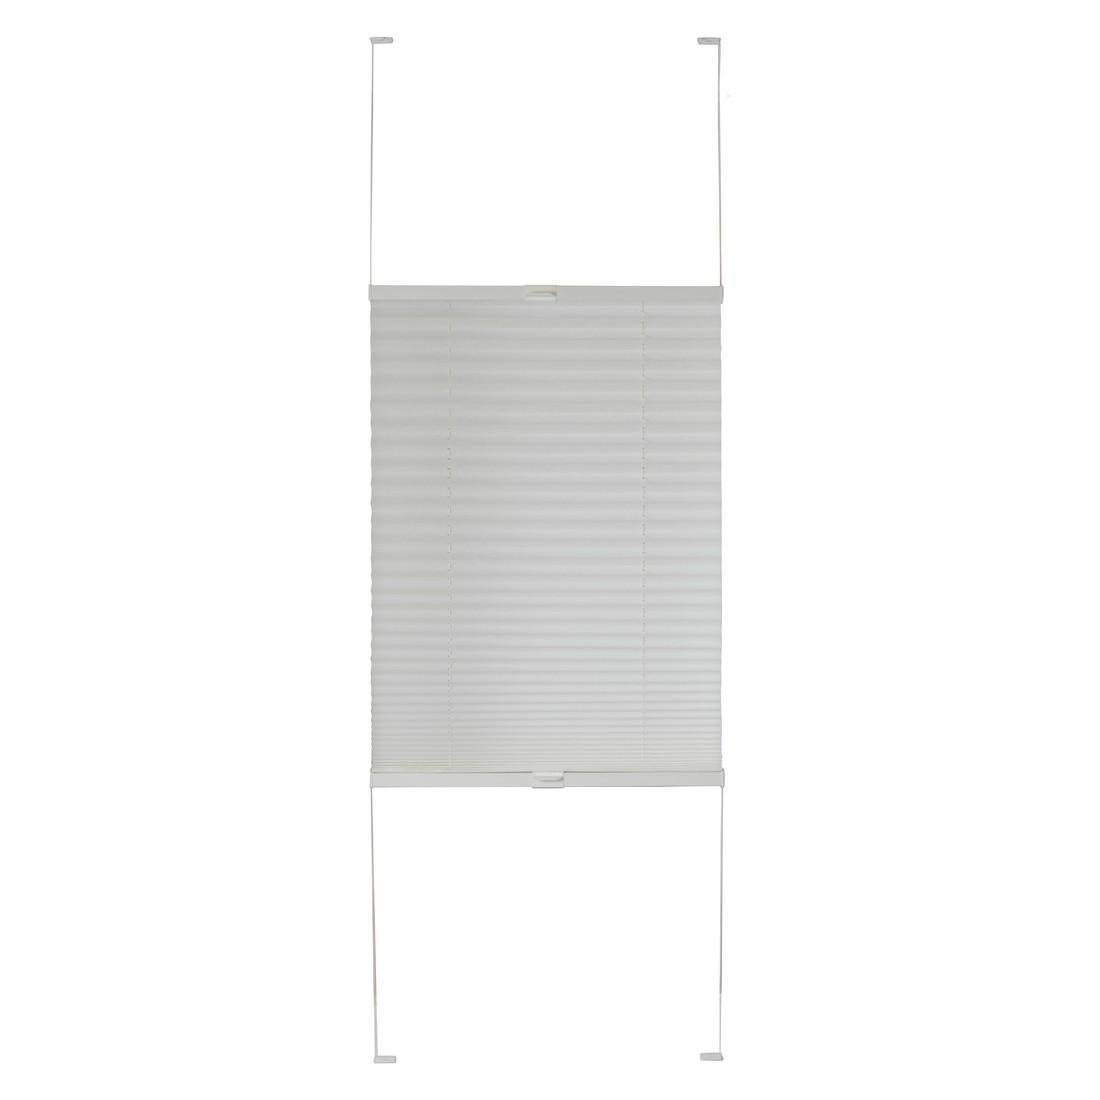 Plissee Tokio (Breite bis 100 cm) – verpannt – Weiß – Breite: 55 cm Höhe: 130cm, Sandega günstig online kaufen